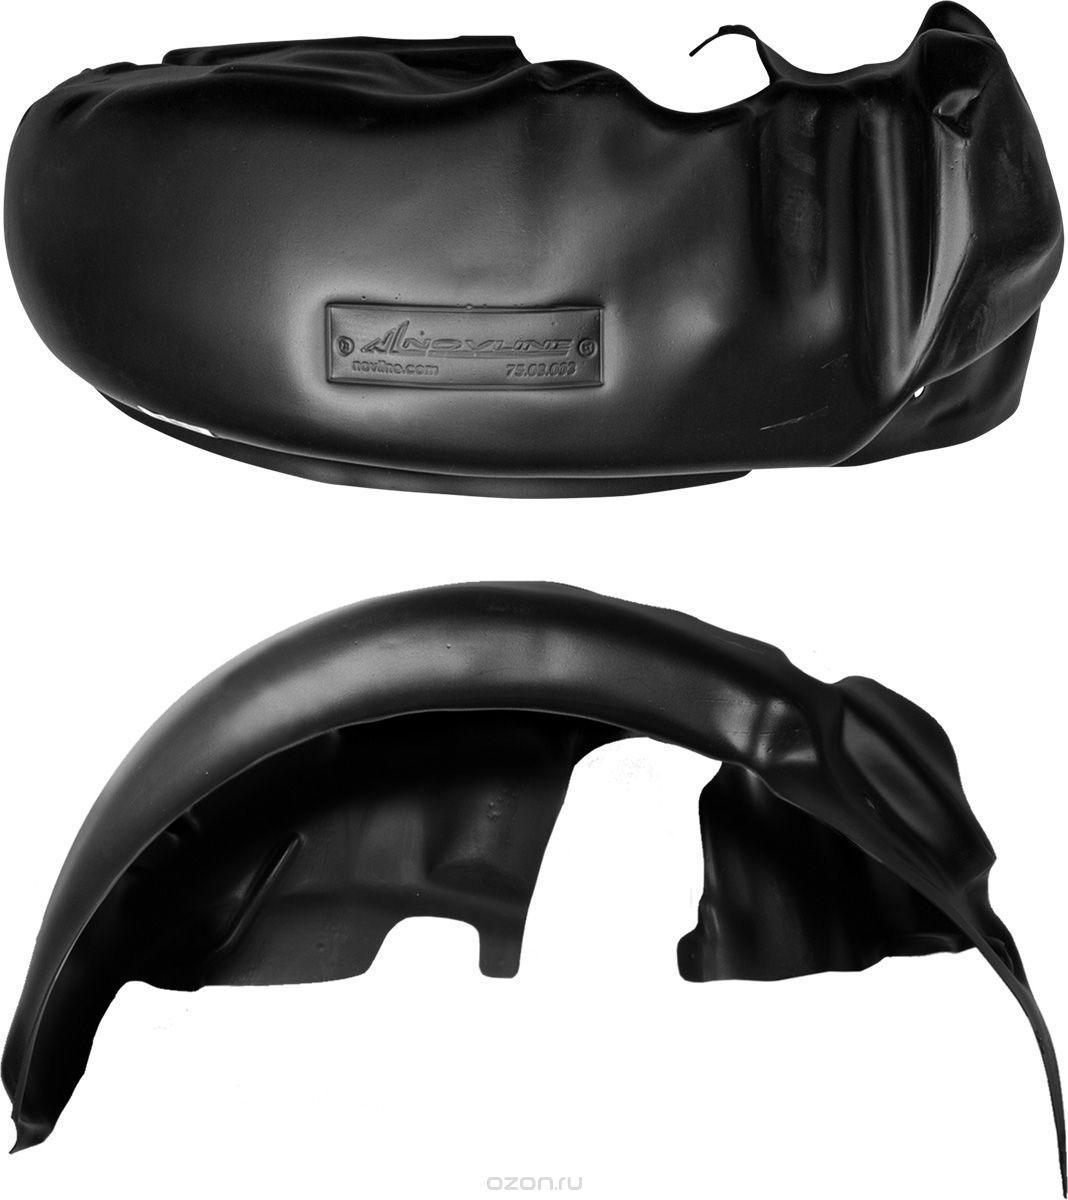 Подкрылок Novline-Autofamily, для HYUNDAI i20 2009->, задний правыйDW90Идеальная защита колесной ниши. Локеры разработаны с применением цифровых технологий, гарантируют максимальную повторяемость поверхности арки. Изделия устанавливаются без нарушения лакокрасочного покрытия автомобиля, каждый подкрылок комплектуется крепежом. Уважаемые клиенты, обращаем ваше внимание, что фотографии на подкрылки универсальные и не отражают реальную форму изделия. При этом само изделие идет точно под размер указанного автомобиля.